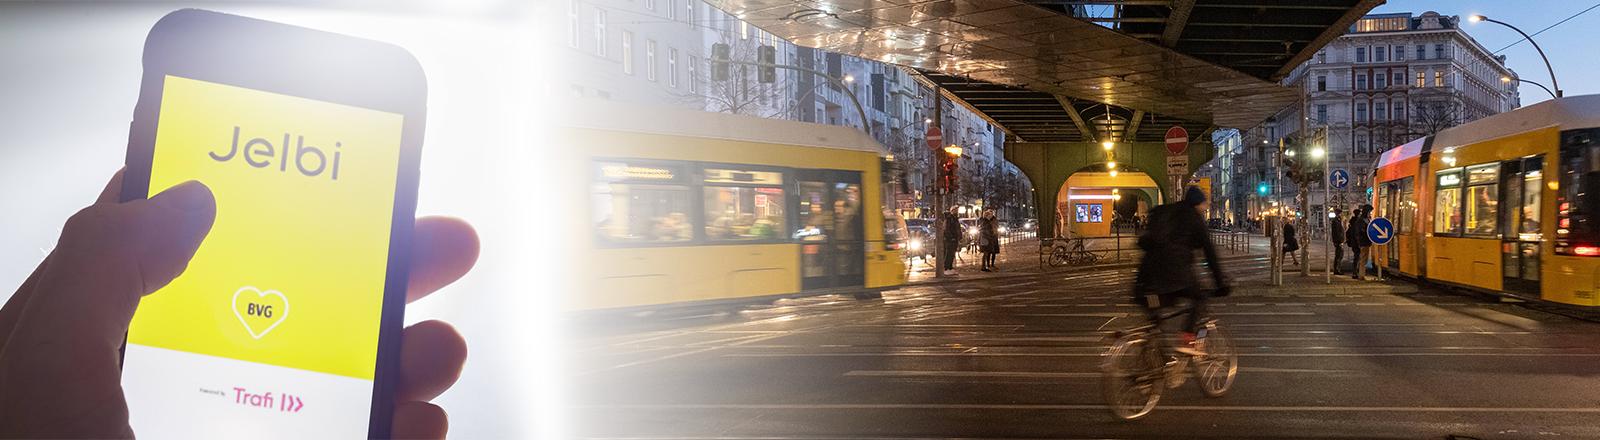 Links die App Jelbi auf einem Smartphone, rechts eine nächtliche Berliner Kreuzung mit Fahrradfahrer und Straßenbahnen